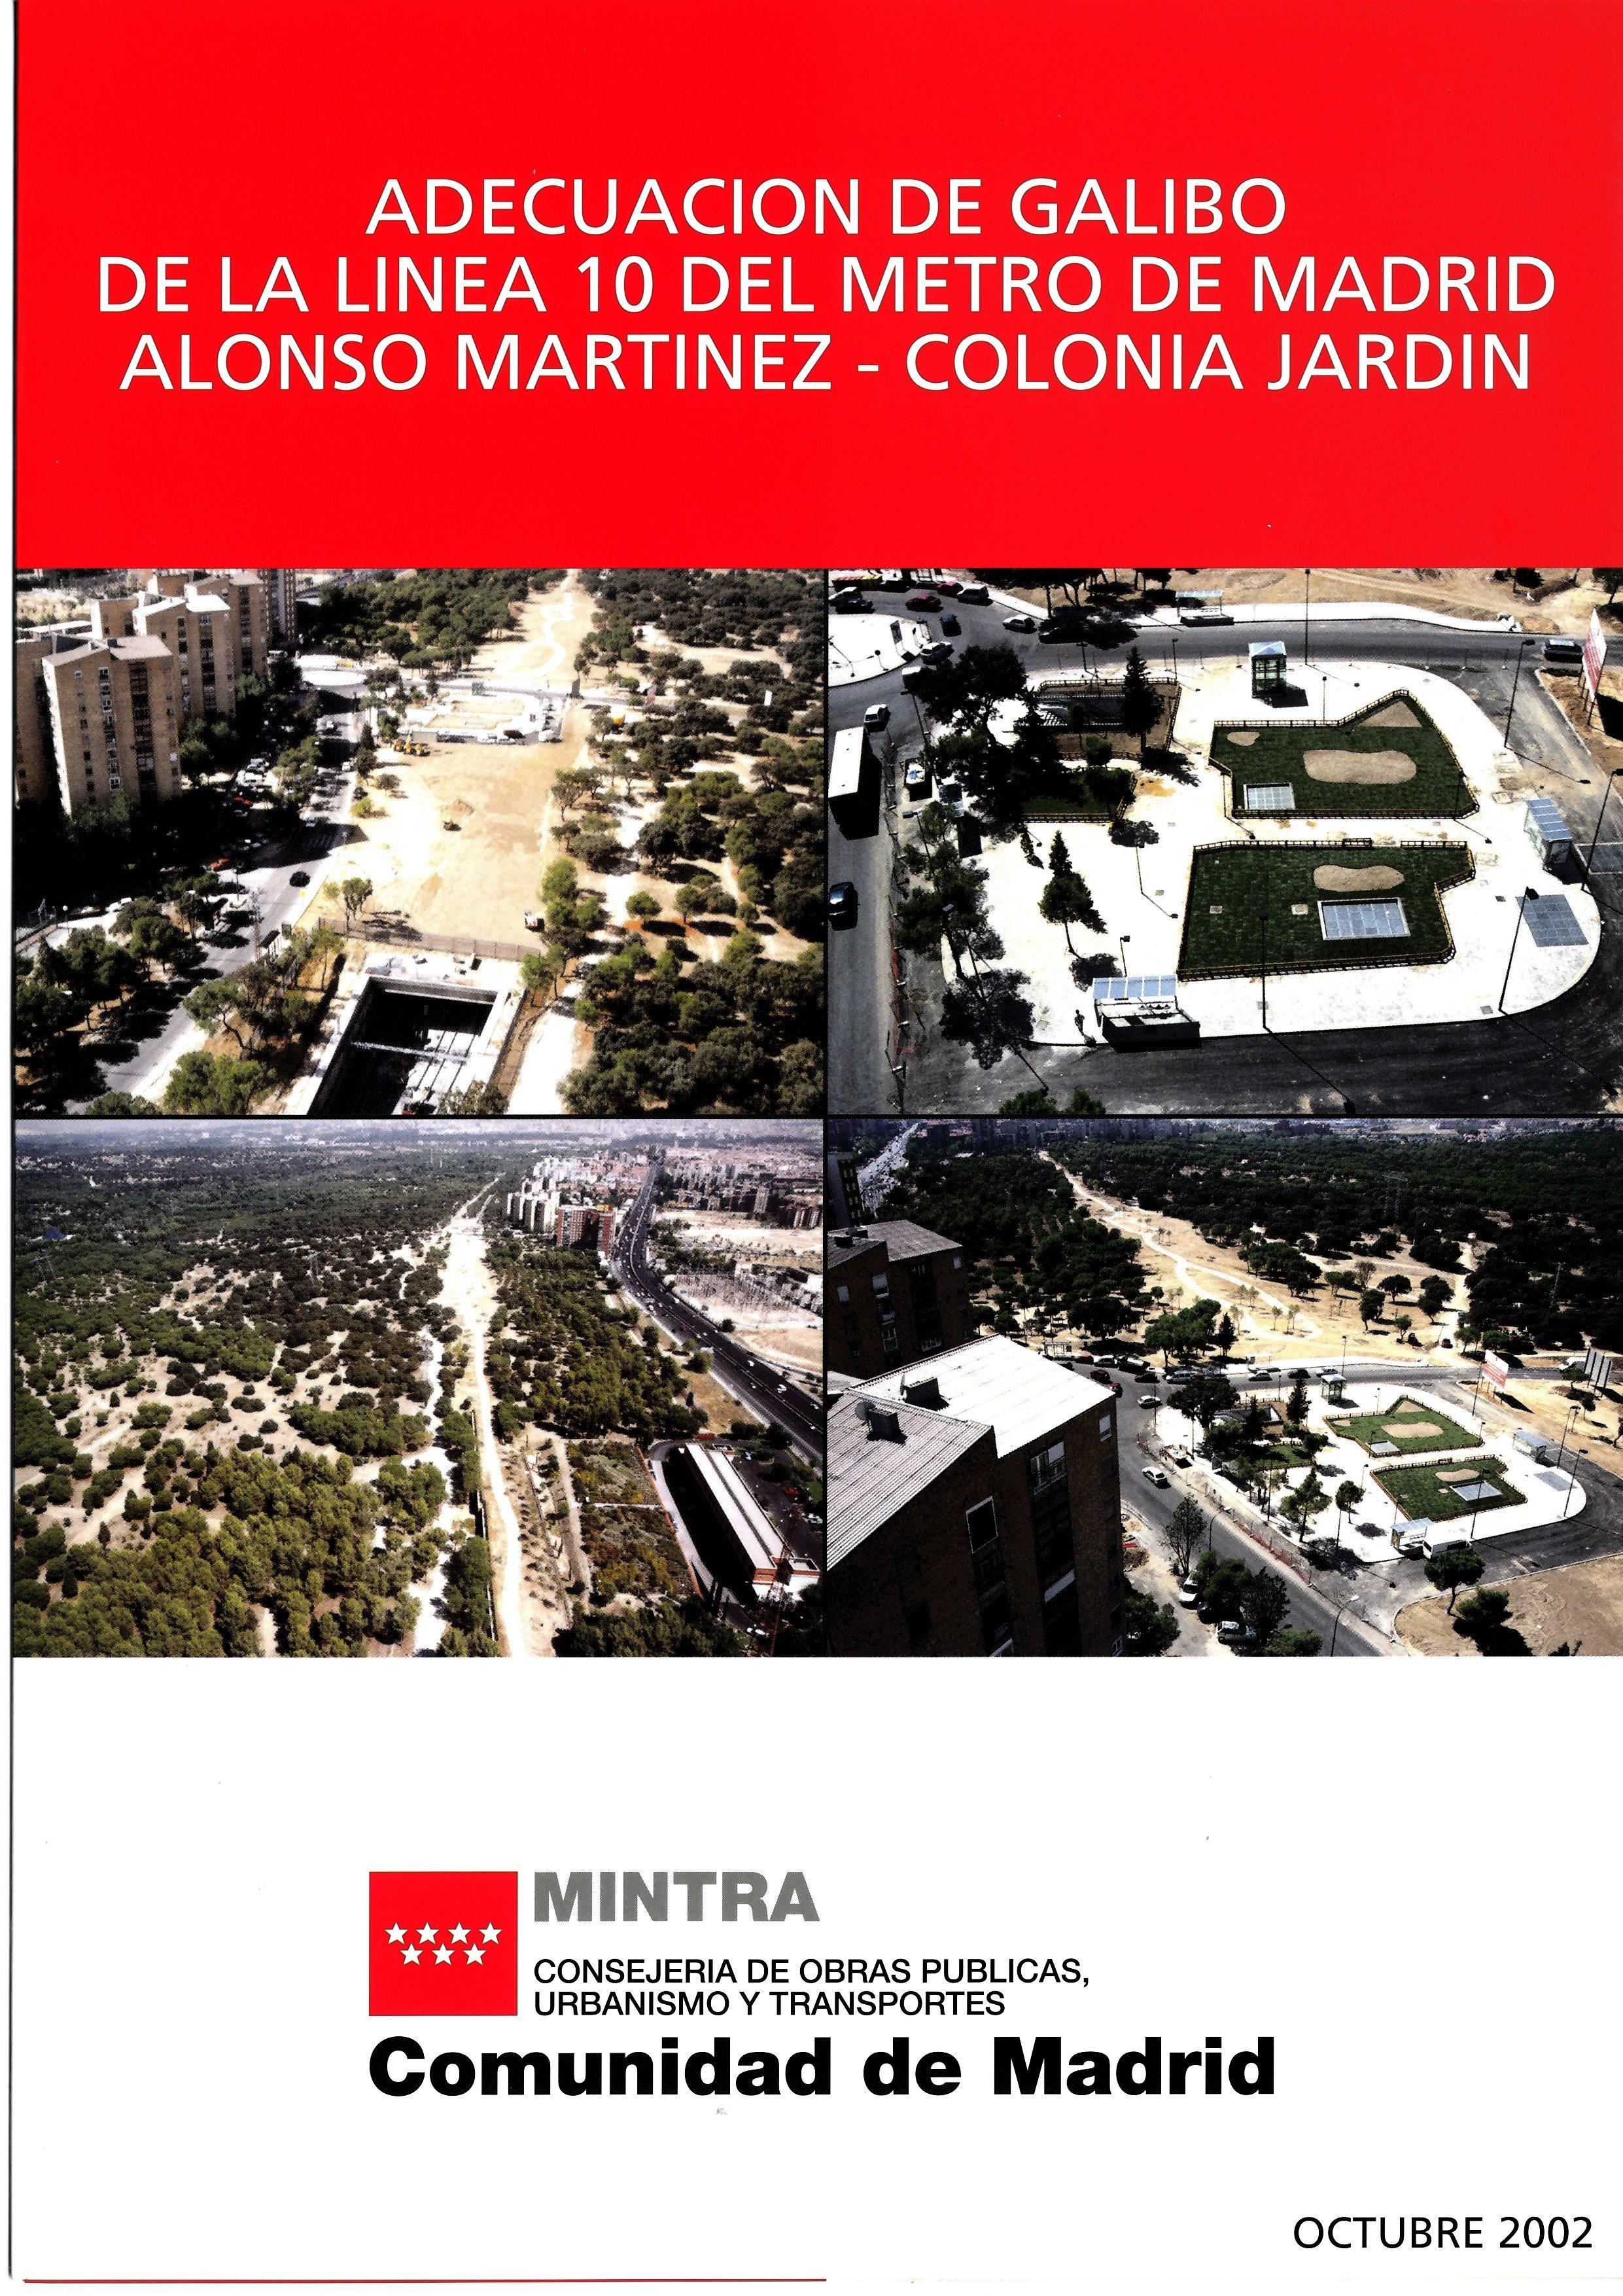 Carátula folleto adecuación gálibo L10